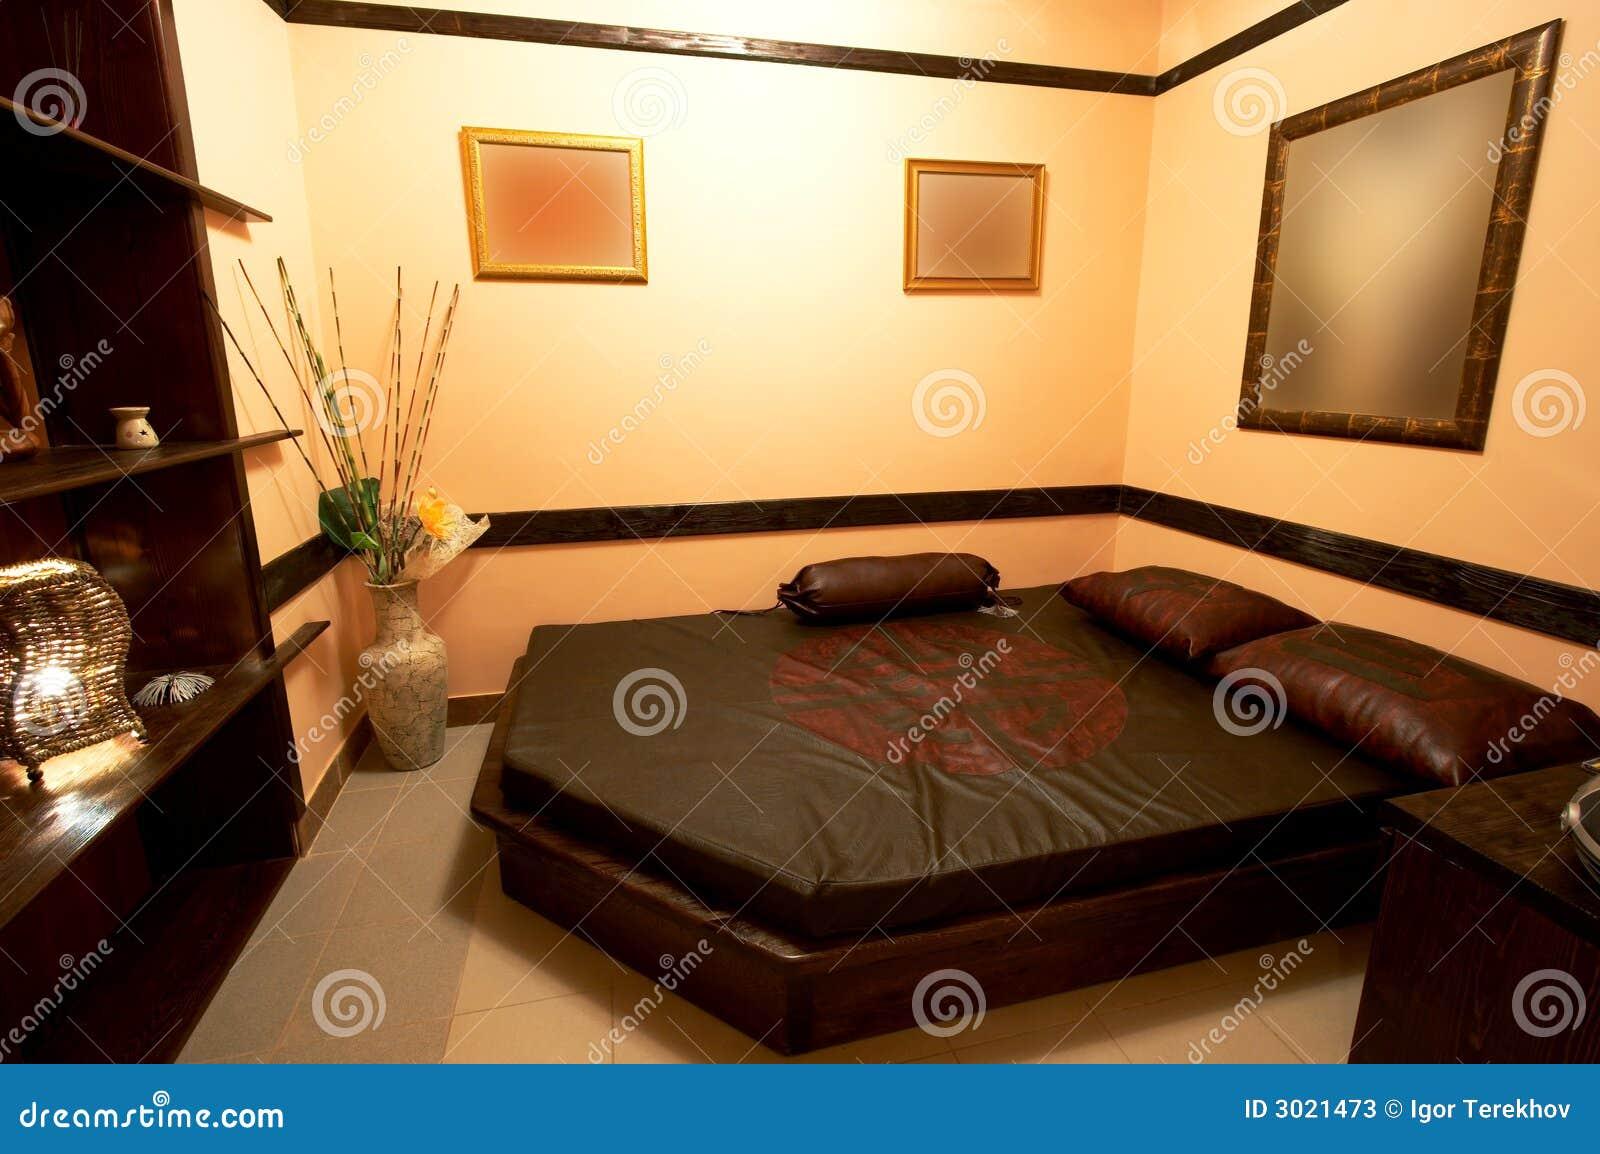 Stanze Da Letto Stile Giapponese : Camera da letto nello stile giapponese immagine stock immagine di